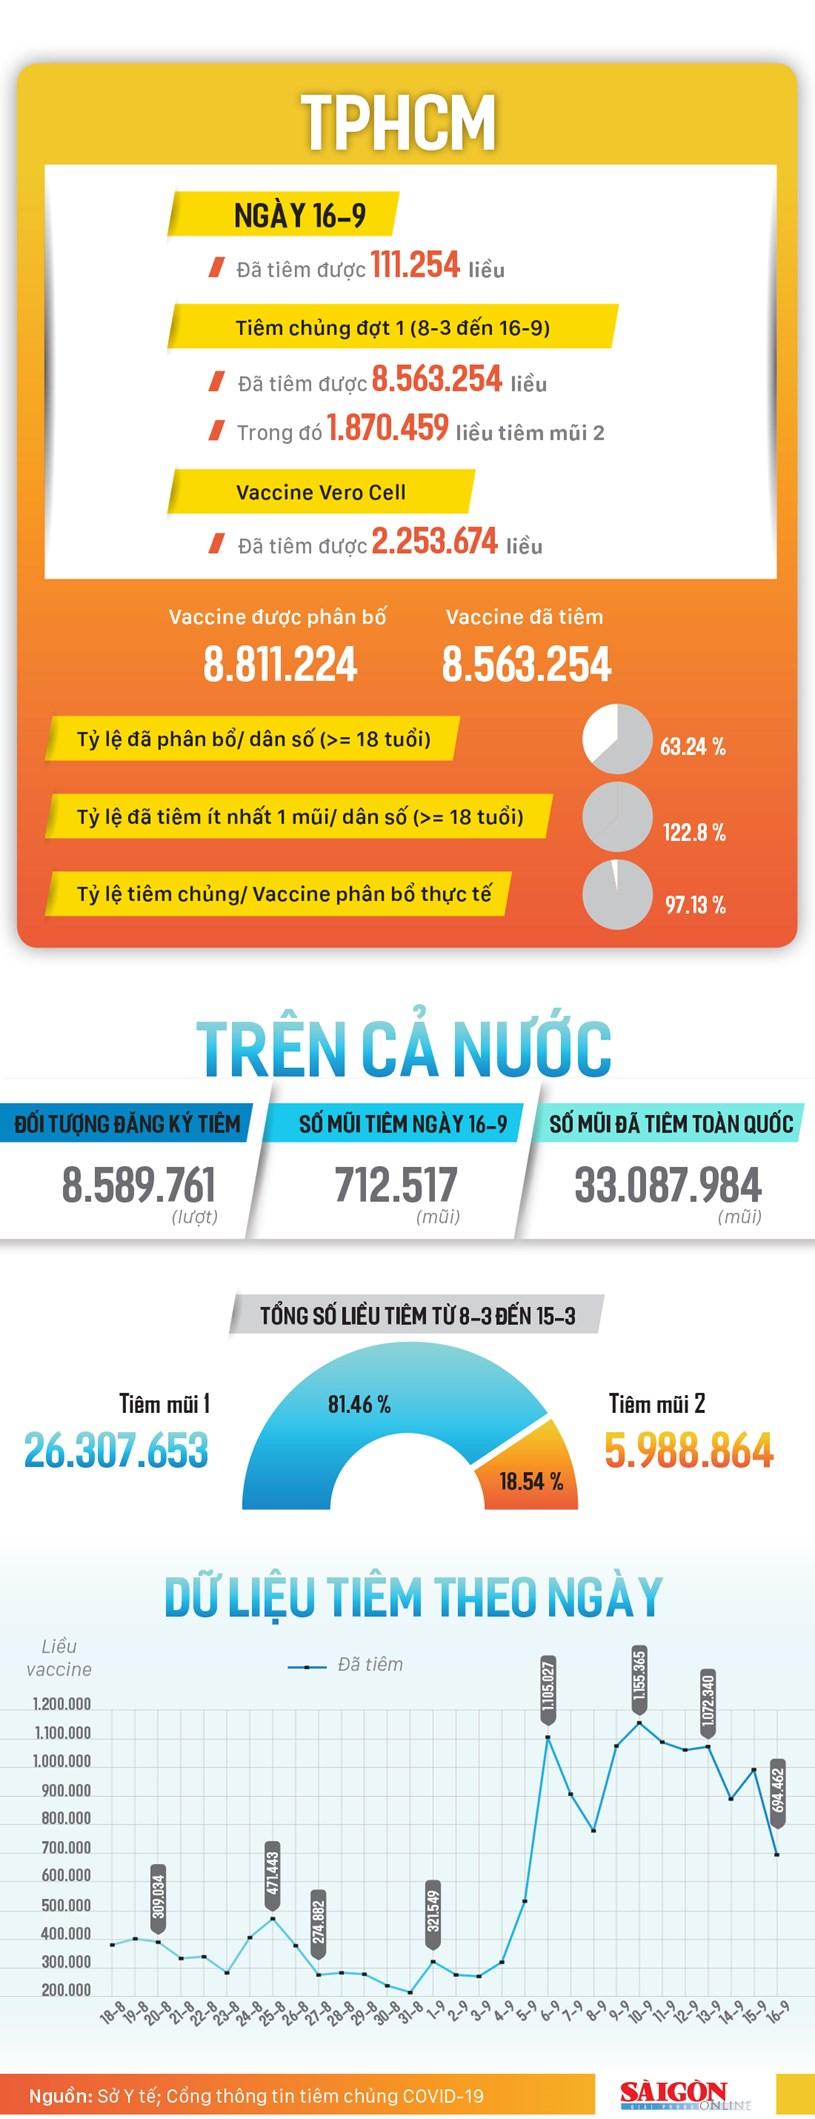 Hơn 8.5 triệu liều vắc xin đã được tiêm tại TPHCM - Ảnh 2